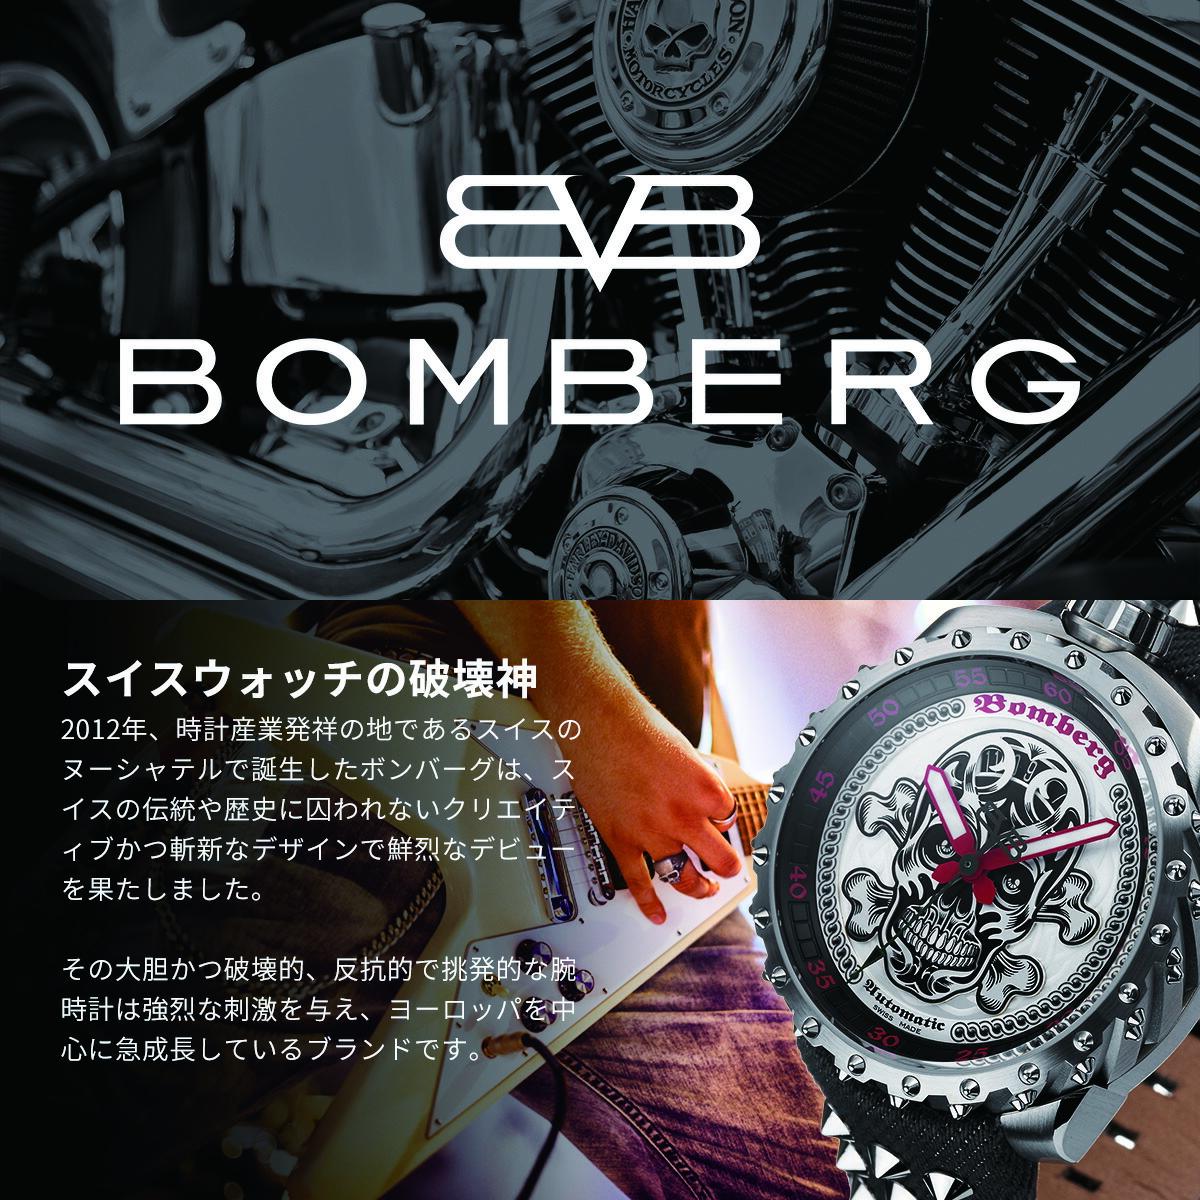 BOMBERG ボンバーグ